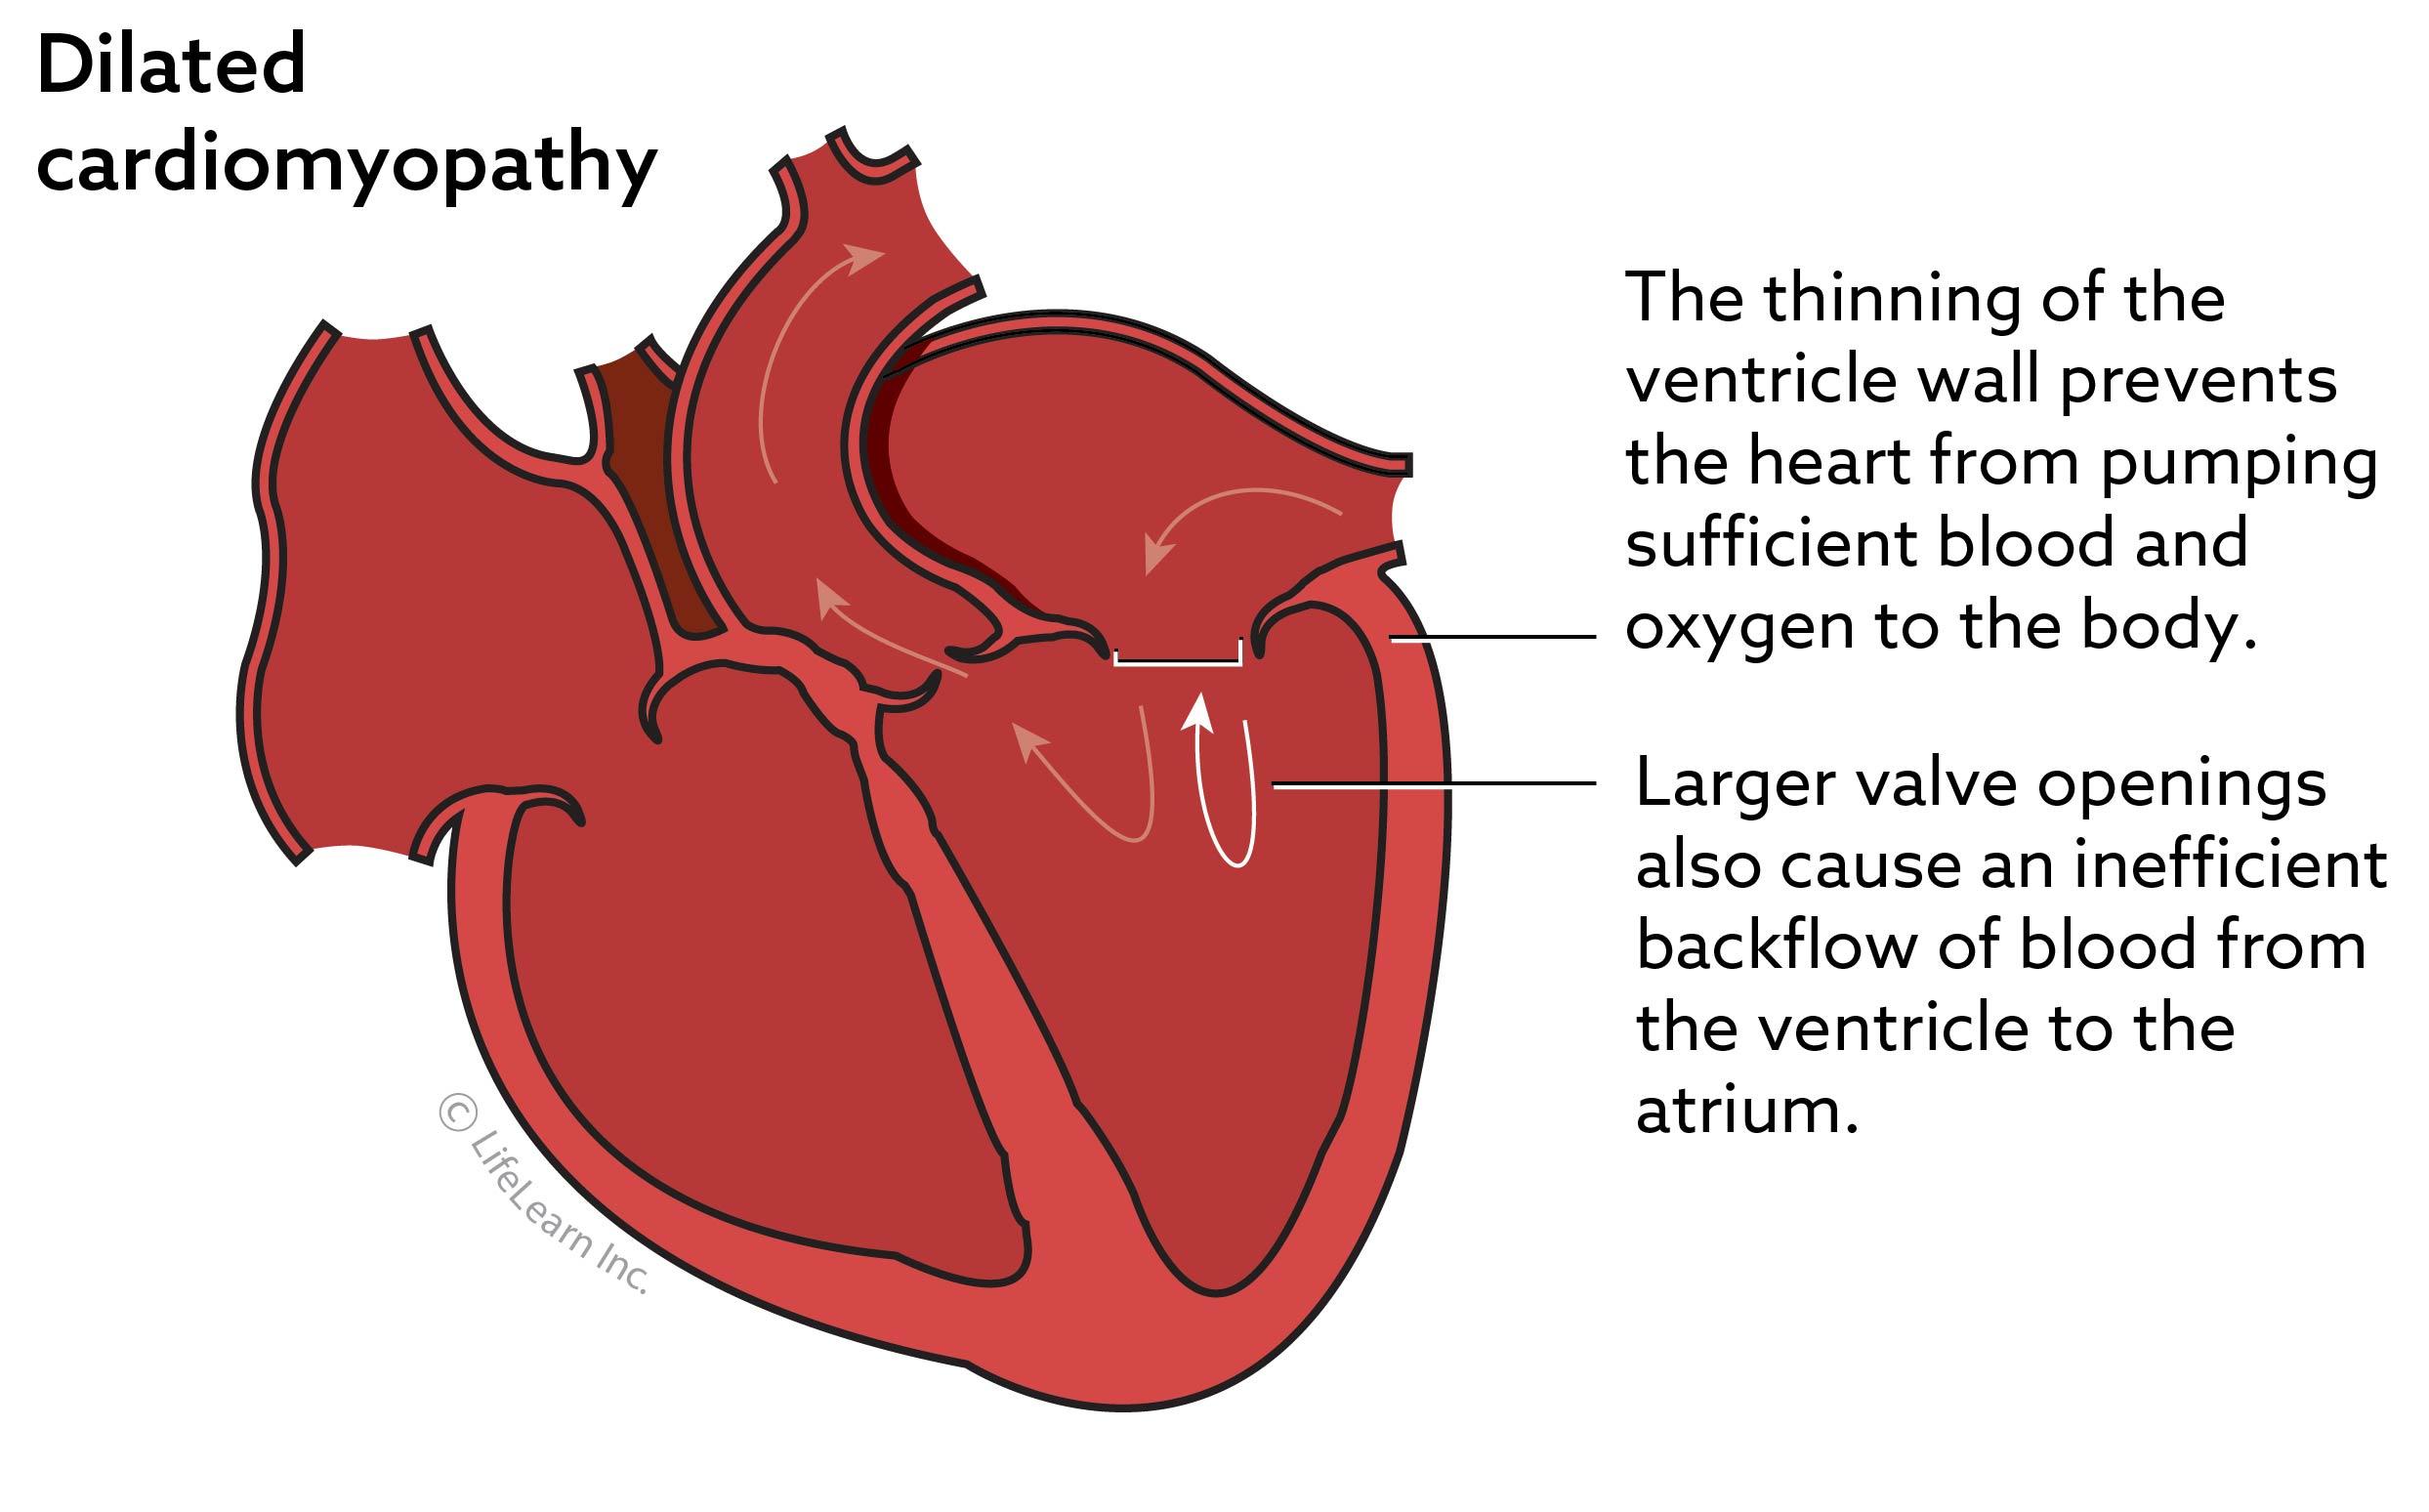 heart_disease_dilated_cardiomyopathy_2017